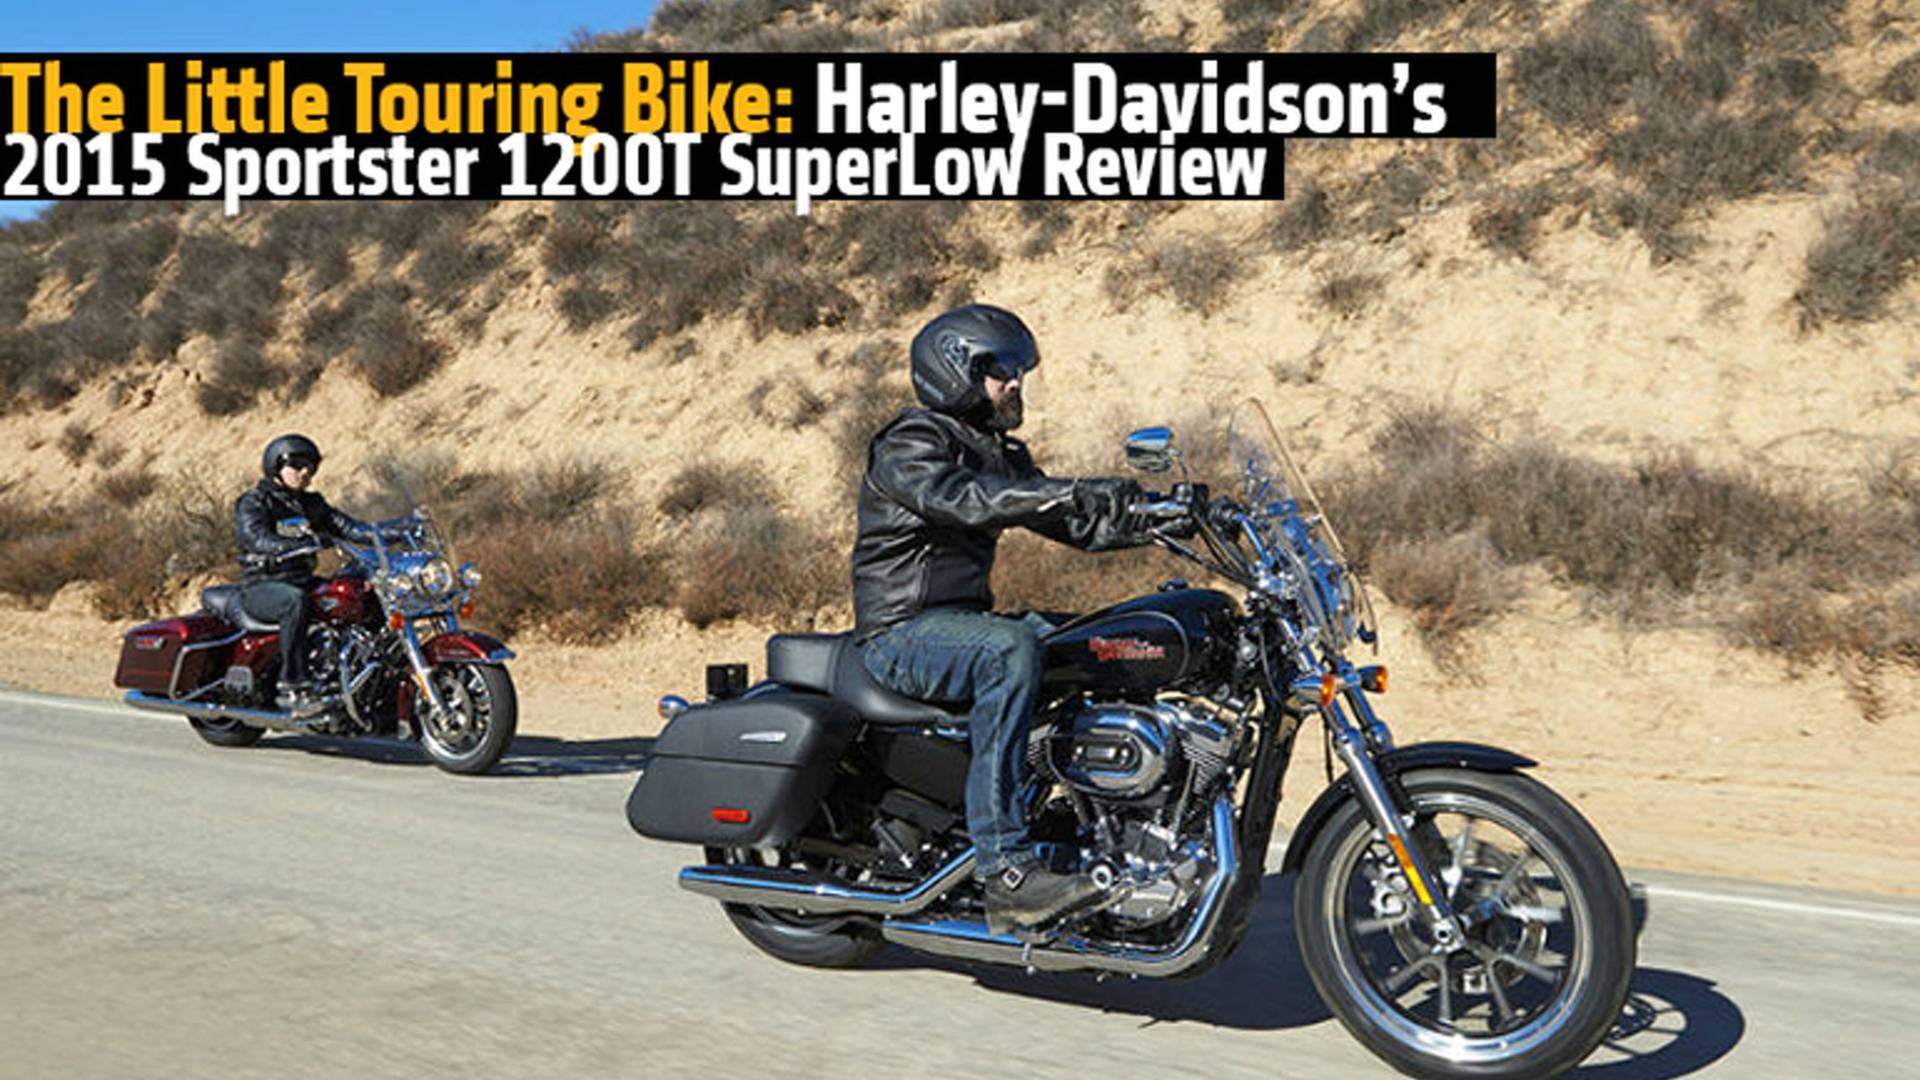 The Little Touring Bike: Harley-Davidson's 2015 Sportster